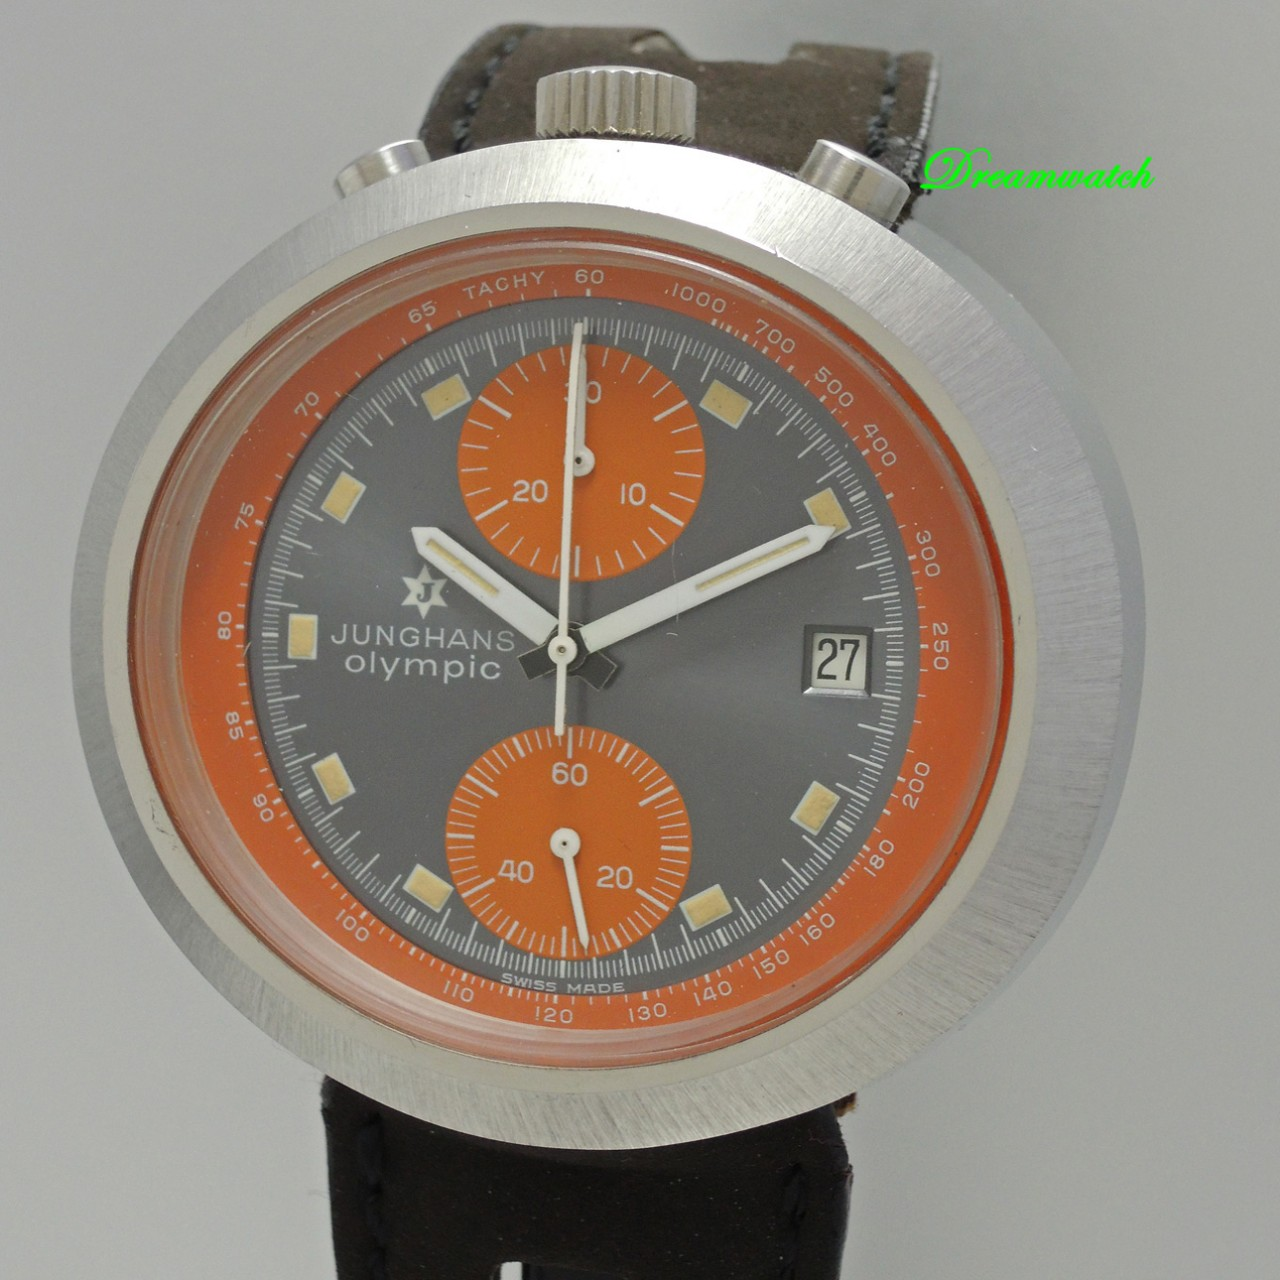 Junghans Olympic Chronograph Bullhead